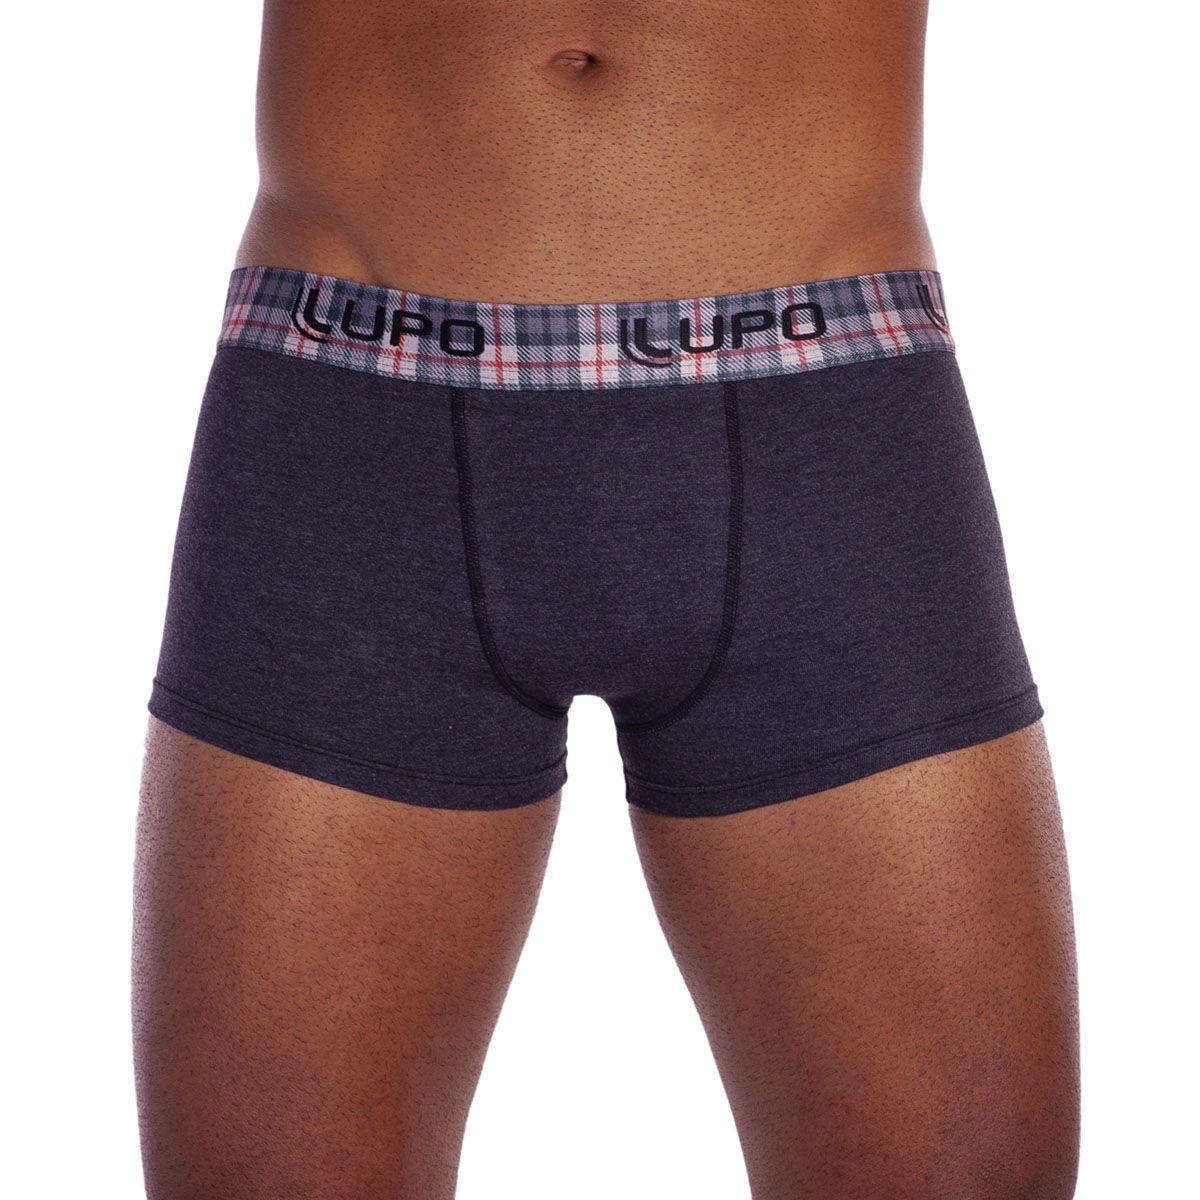 Cueca modelo sunga de algodão masculina da Lupo